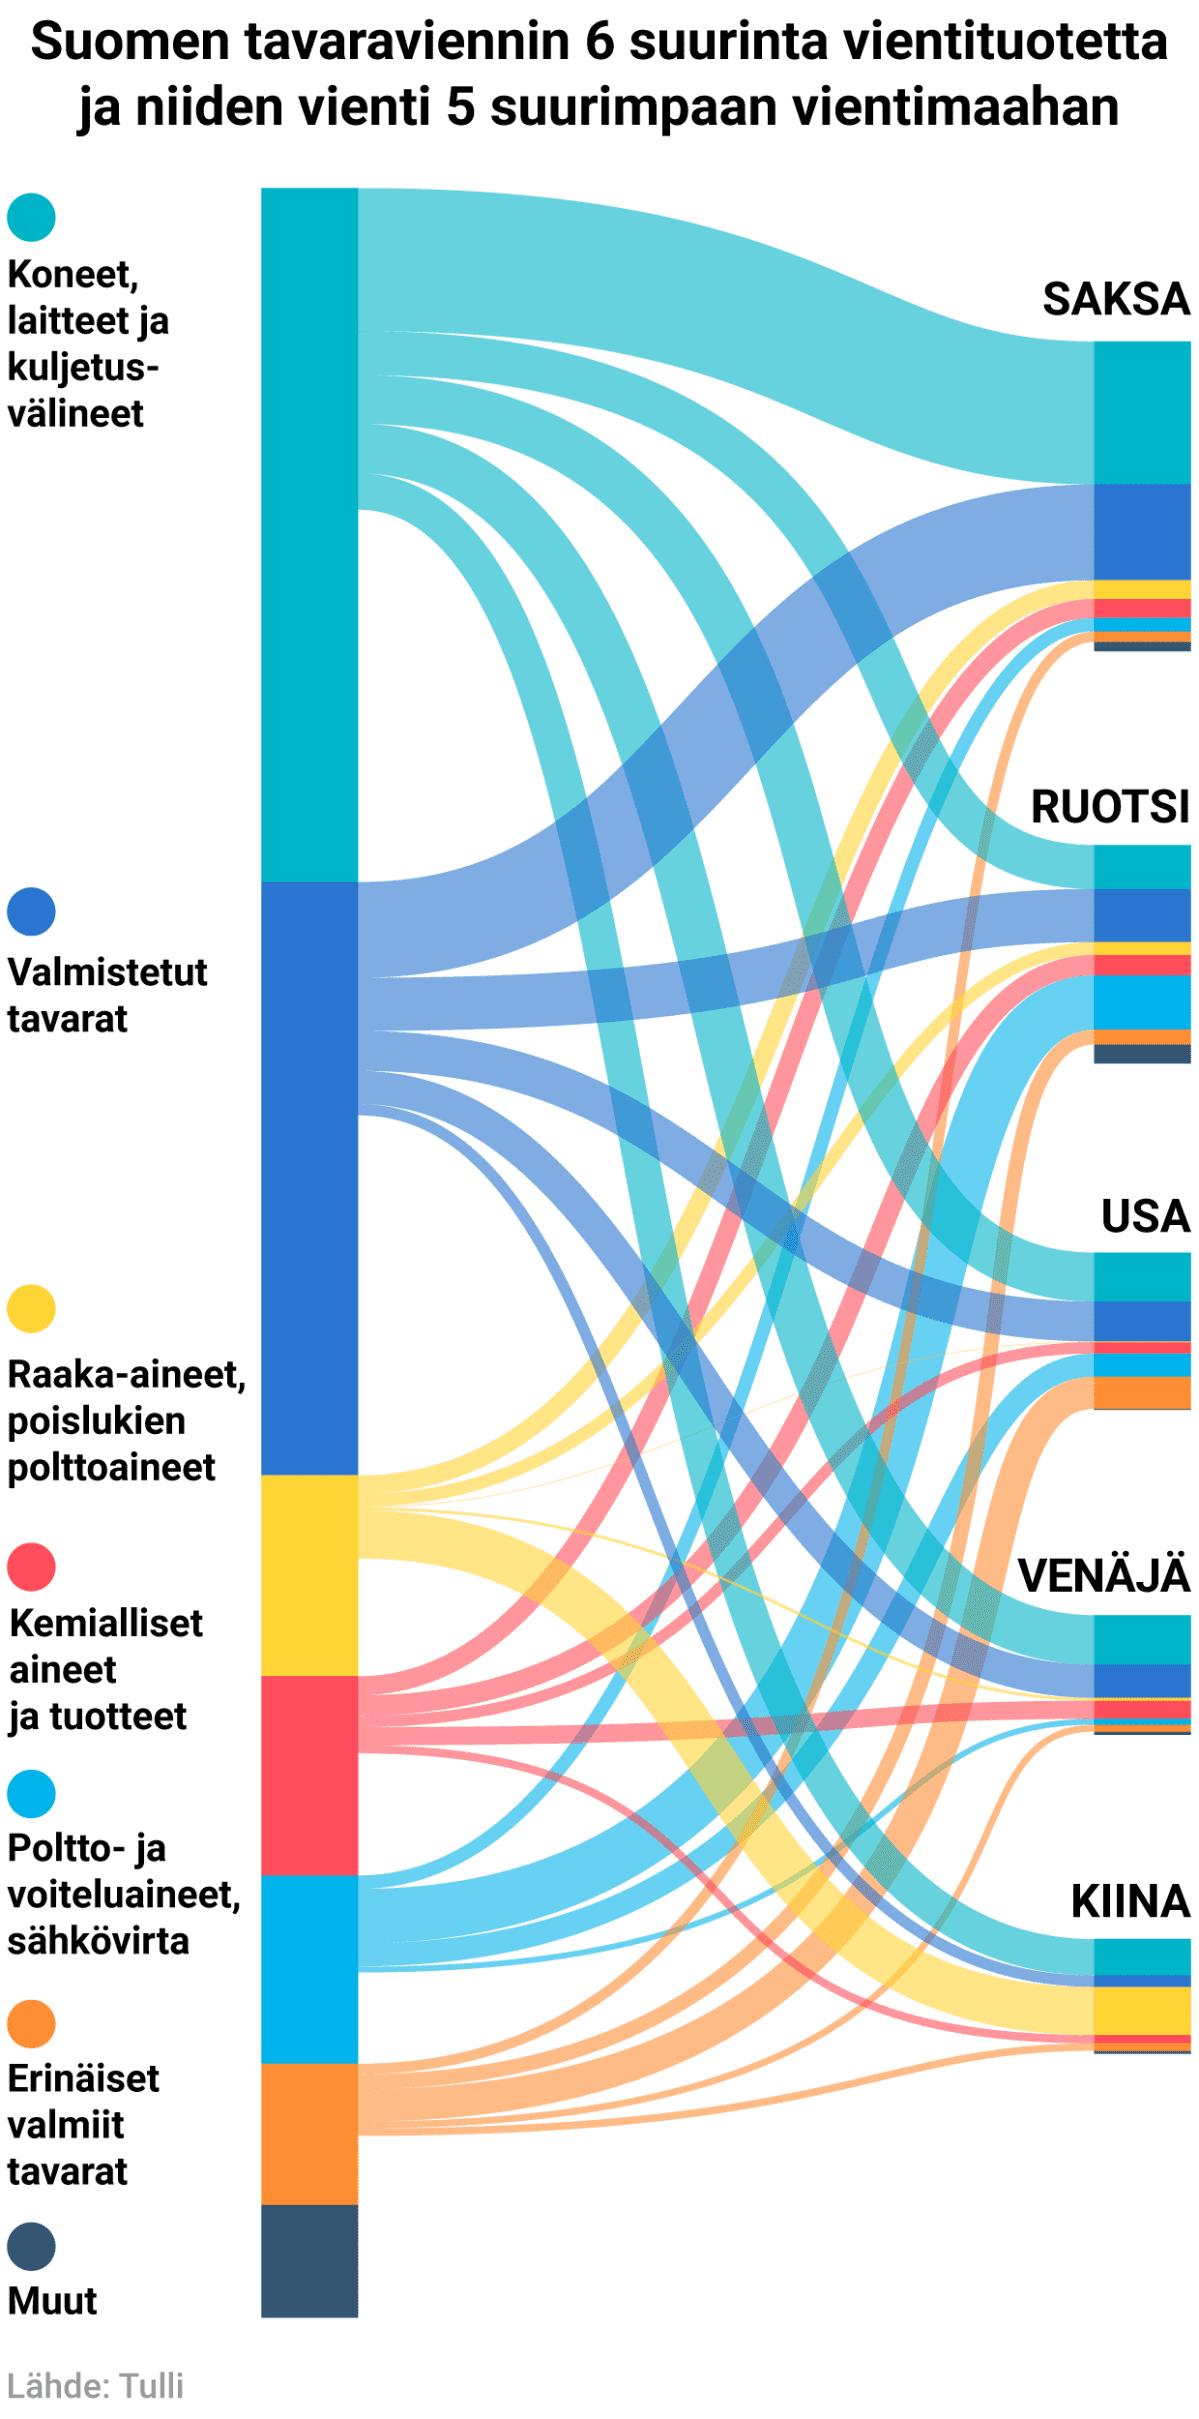 Suomen tavaraviennin 6 suurinta vientituotetta ja niiden vienti 5 suurimpaan vientimaahan